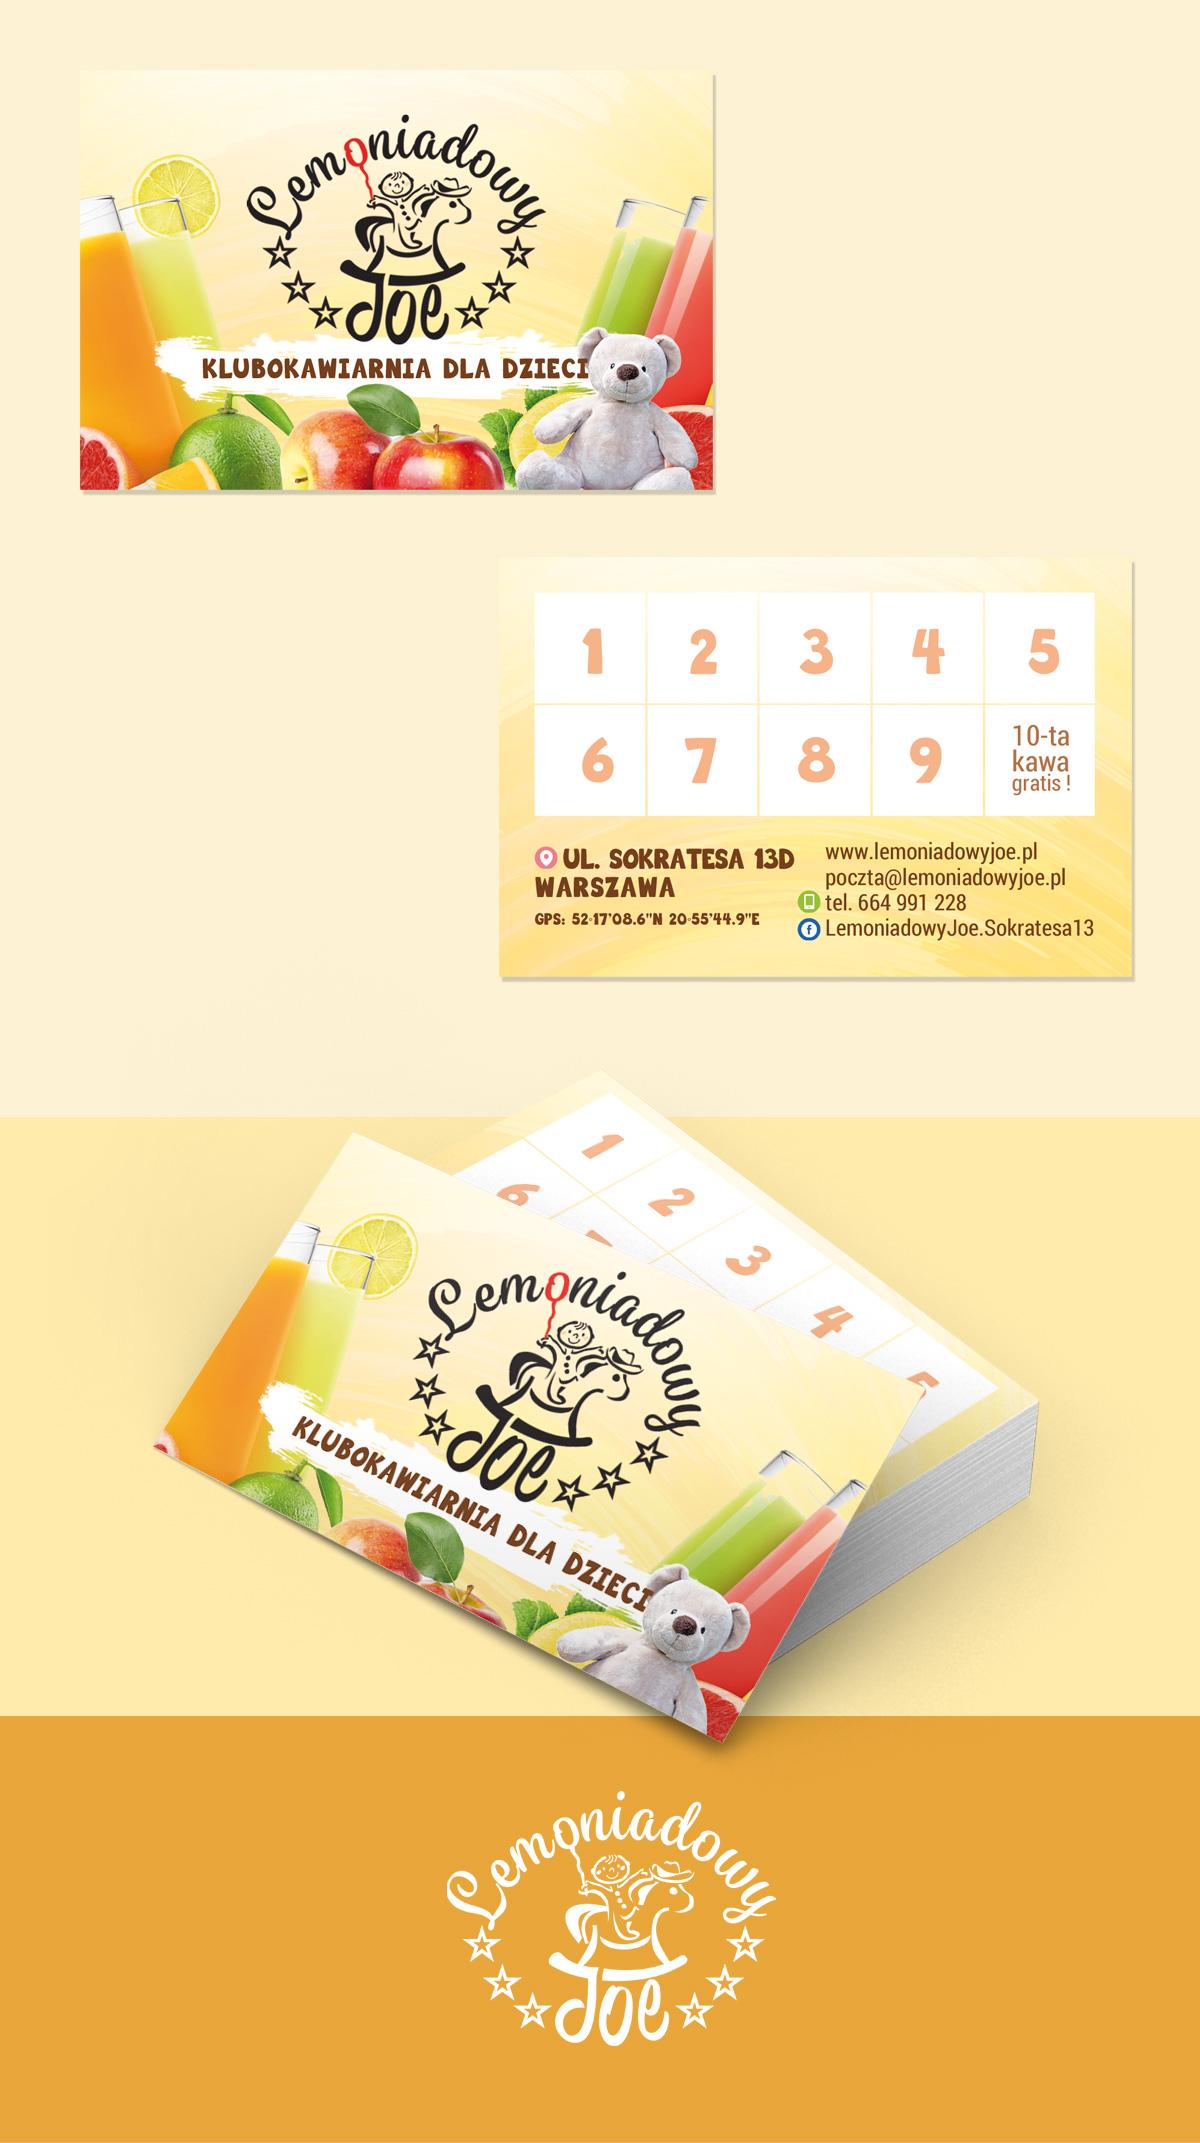 projekt wizytowki dla restauracji lemoniadowy joe - Projekt wizytówki - Lemoniadowy Joe